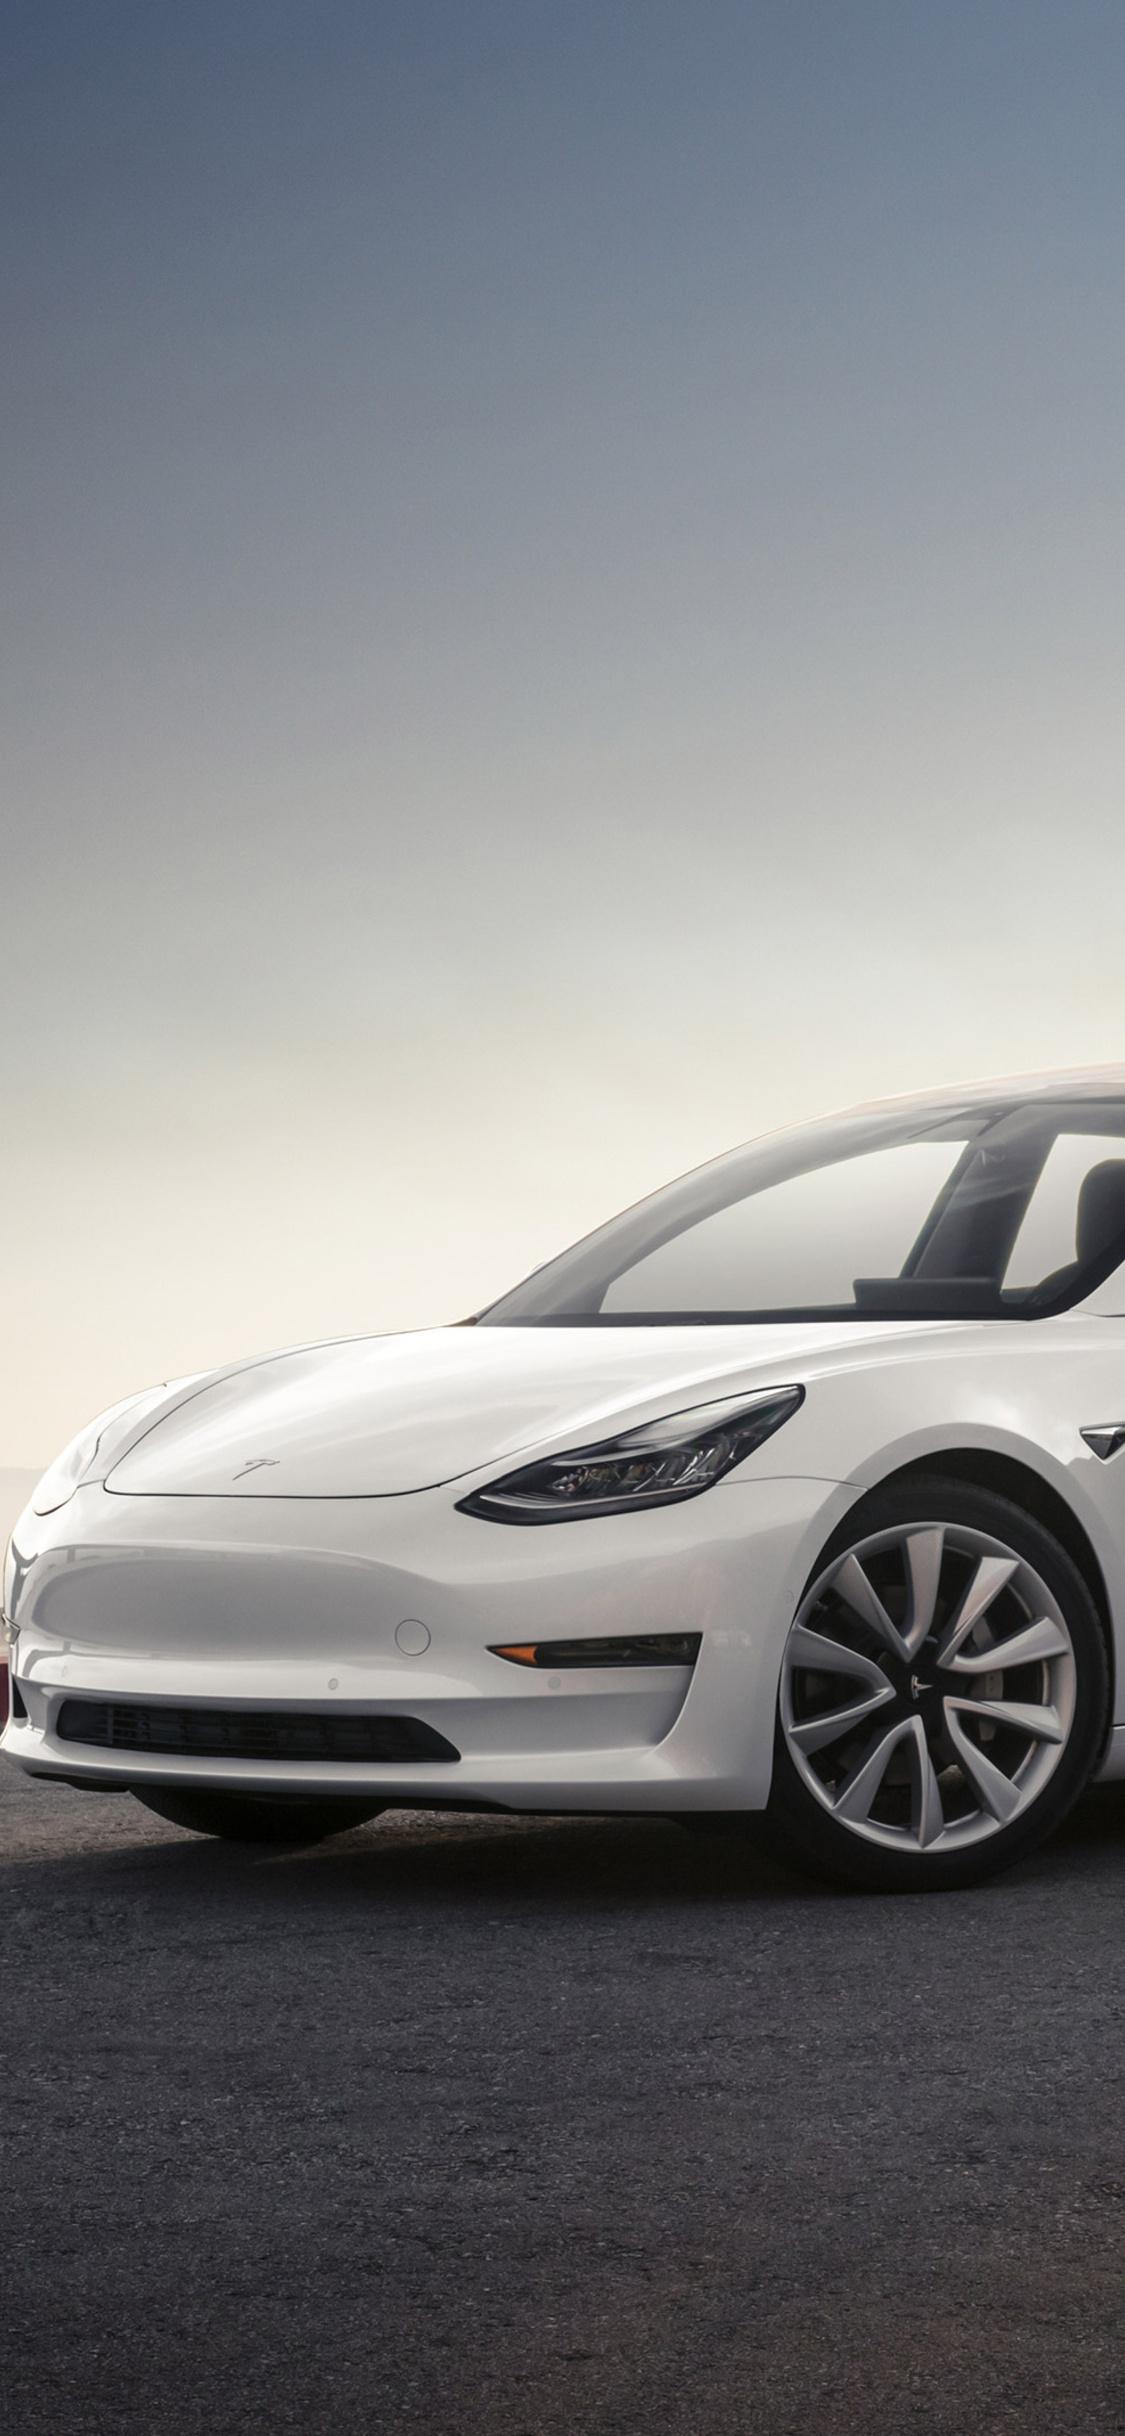 1125x2436 Tesla Model 3 2017 Iphone Xs Iphone 10 Iphone X Hd